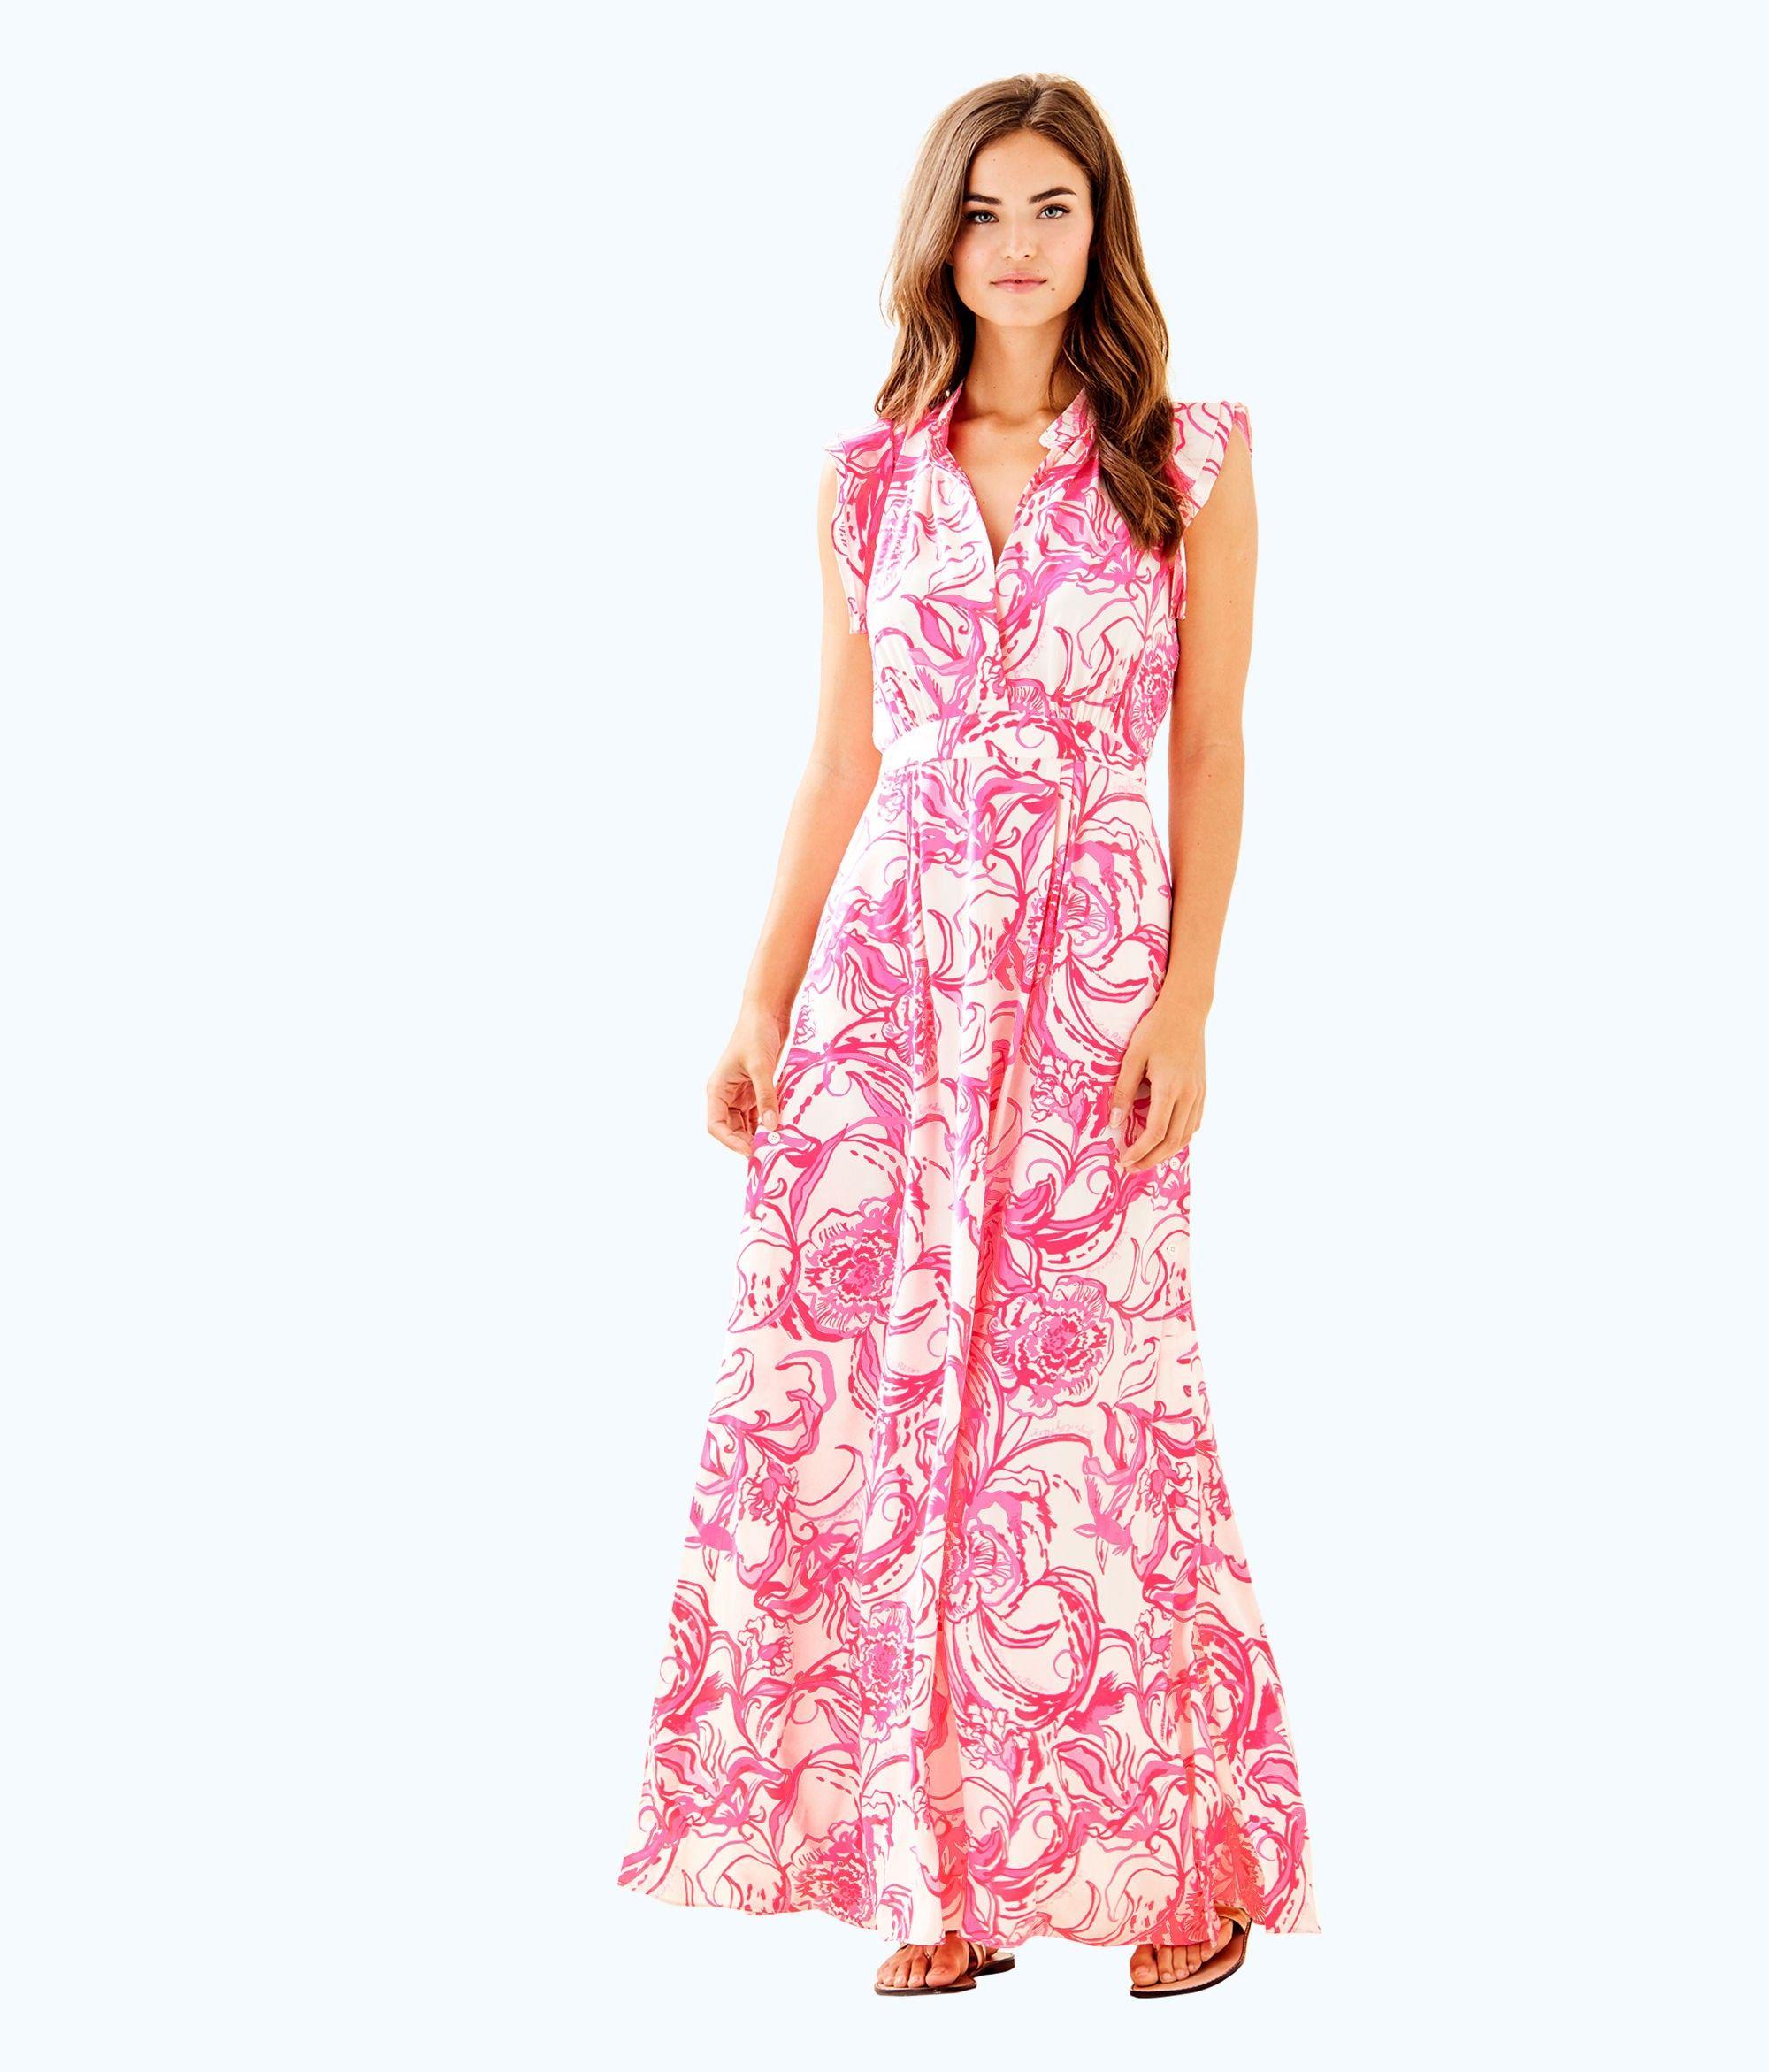 f39fc491f54e79 Lilly Pulitzer Goop X Palm Beach Silk Maxi Dress - 14 | Products ...